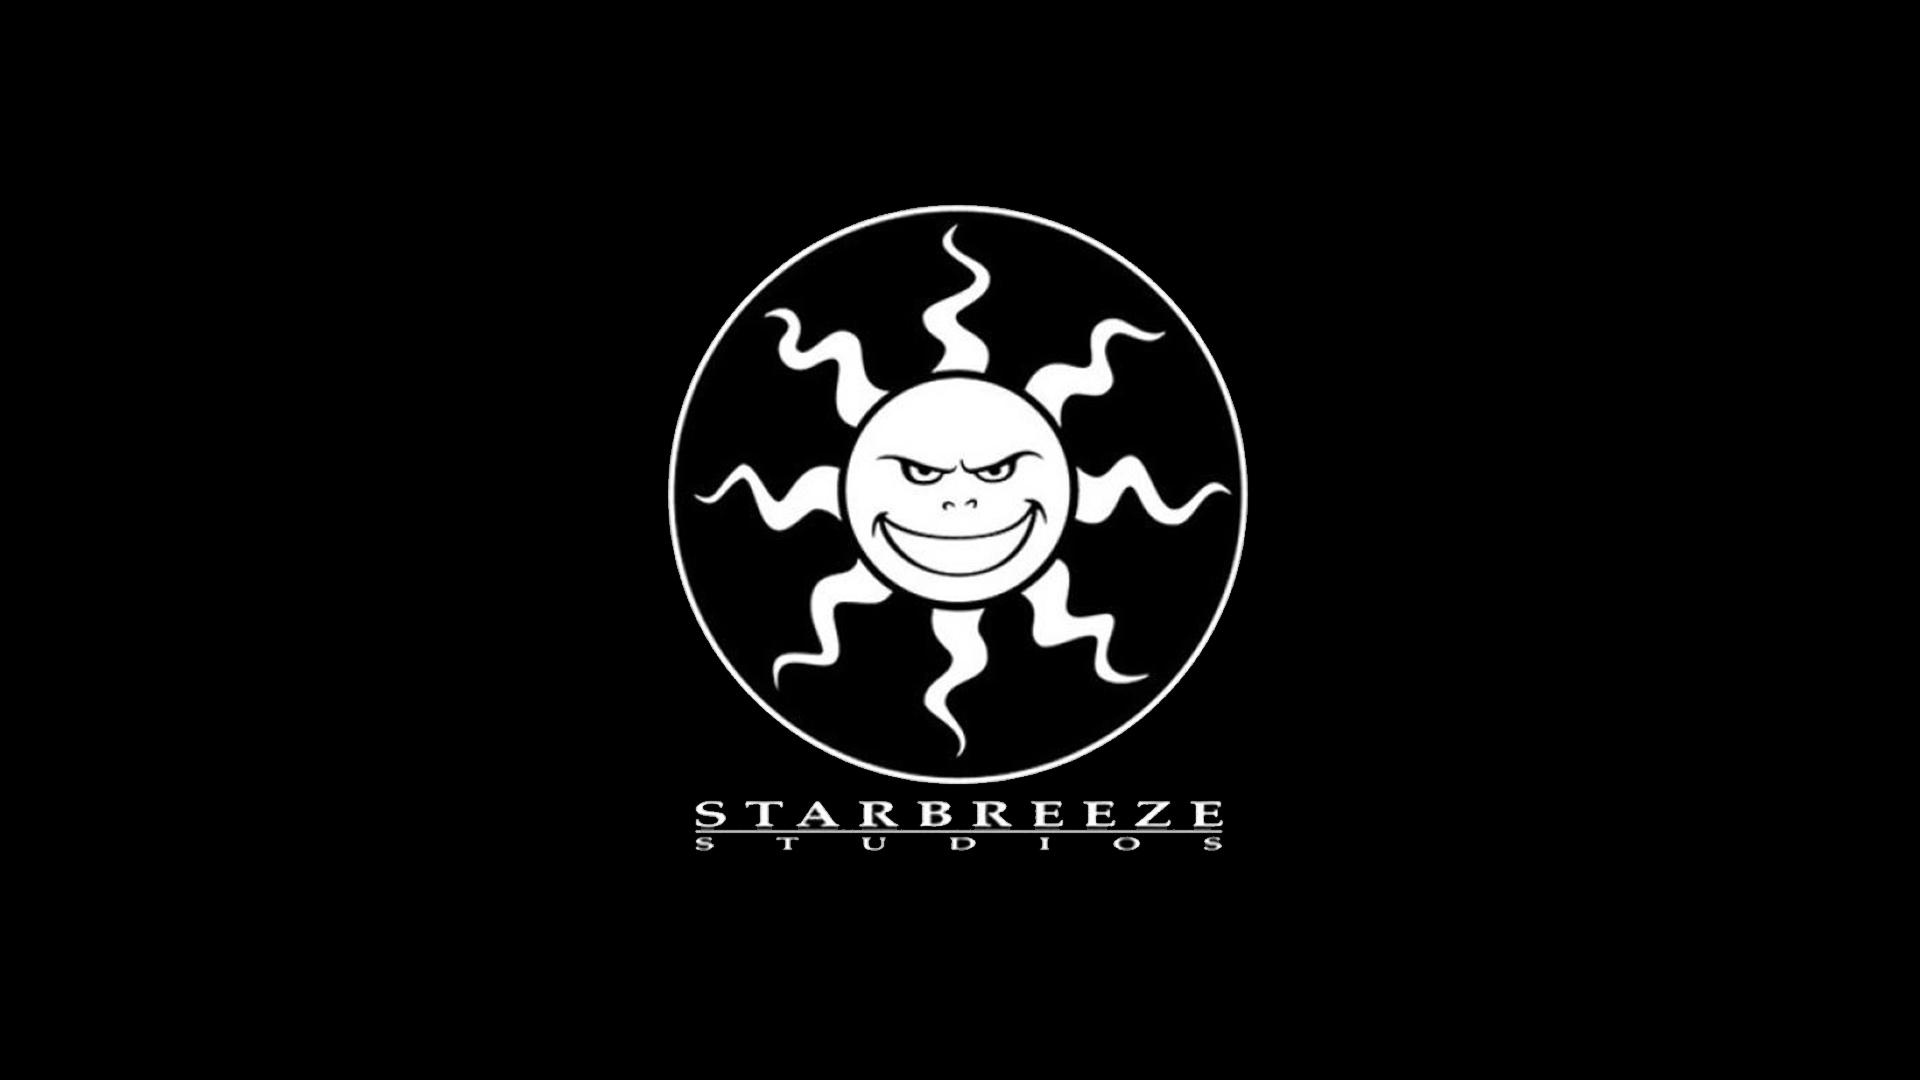 Starbreezre要求评估《超杀:行尸走肉》开发成本